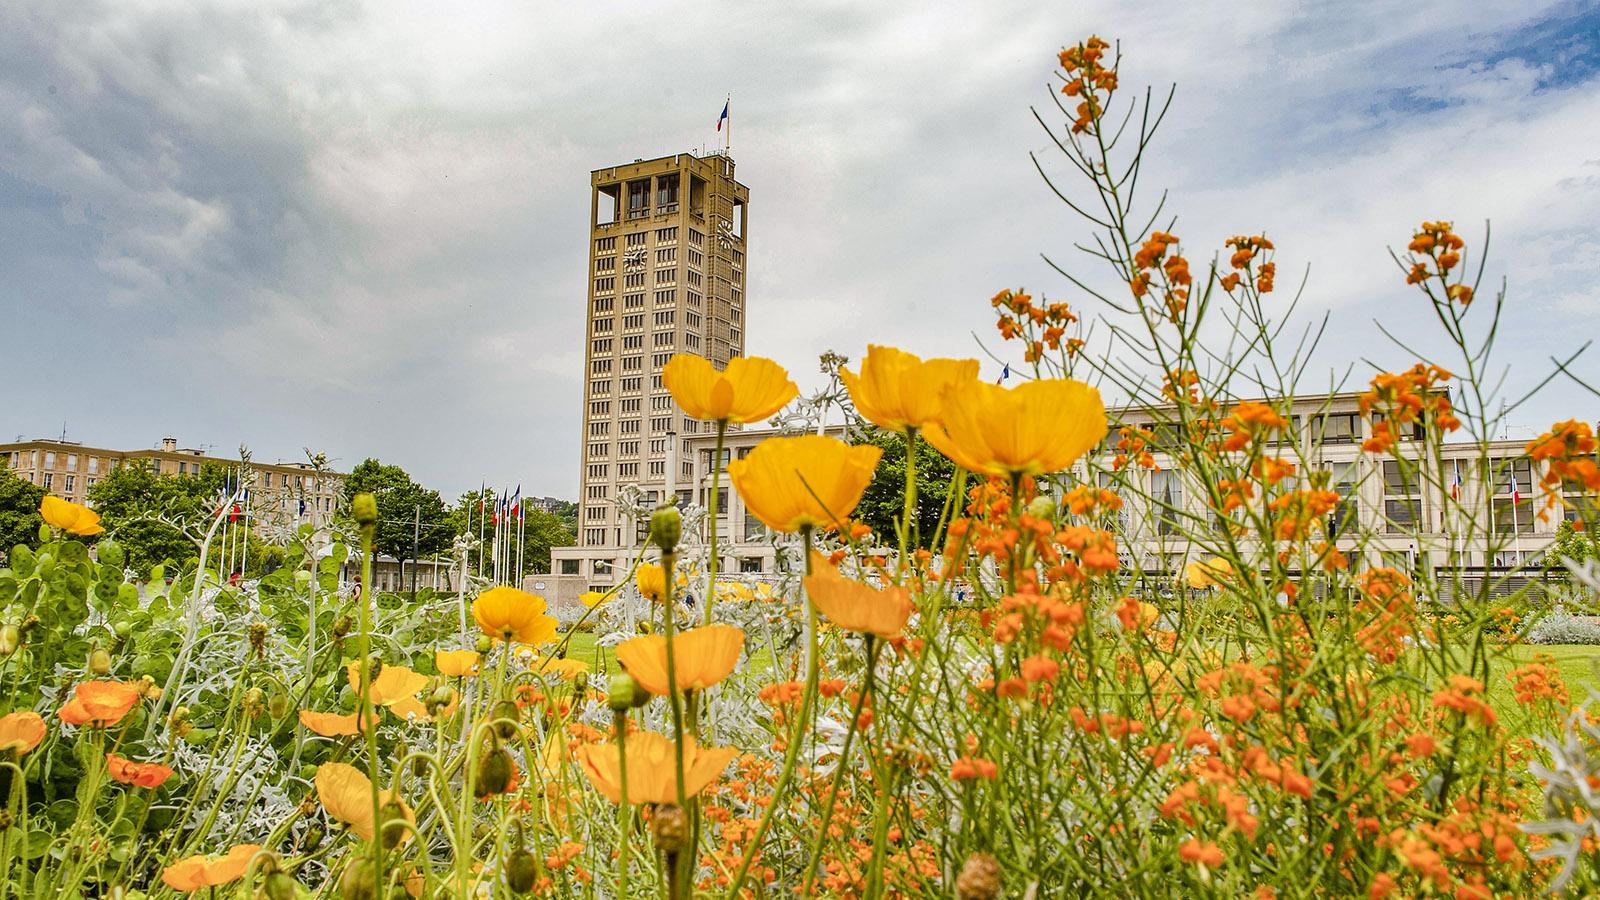 Le Havre: Hôtel de ville. Foto: Hilke Maunder